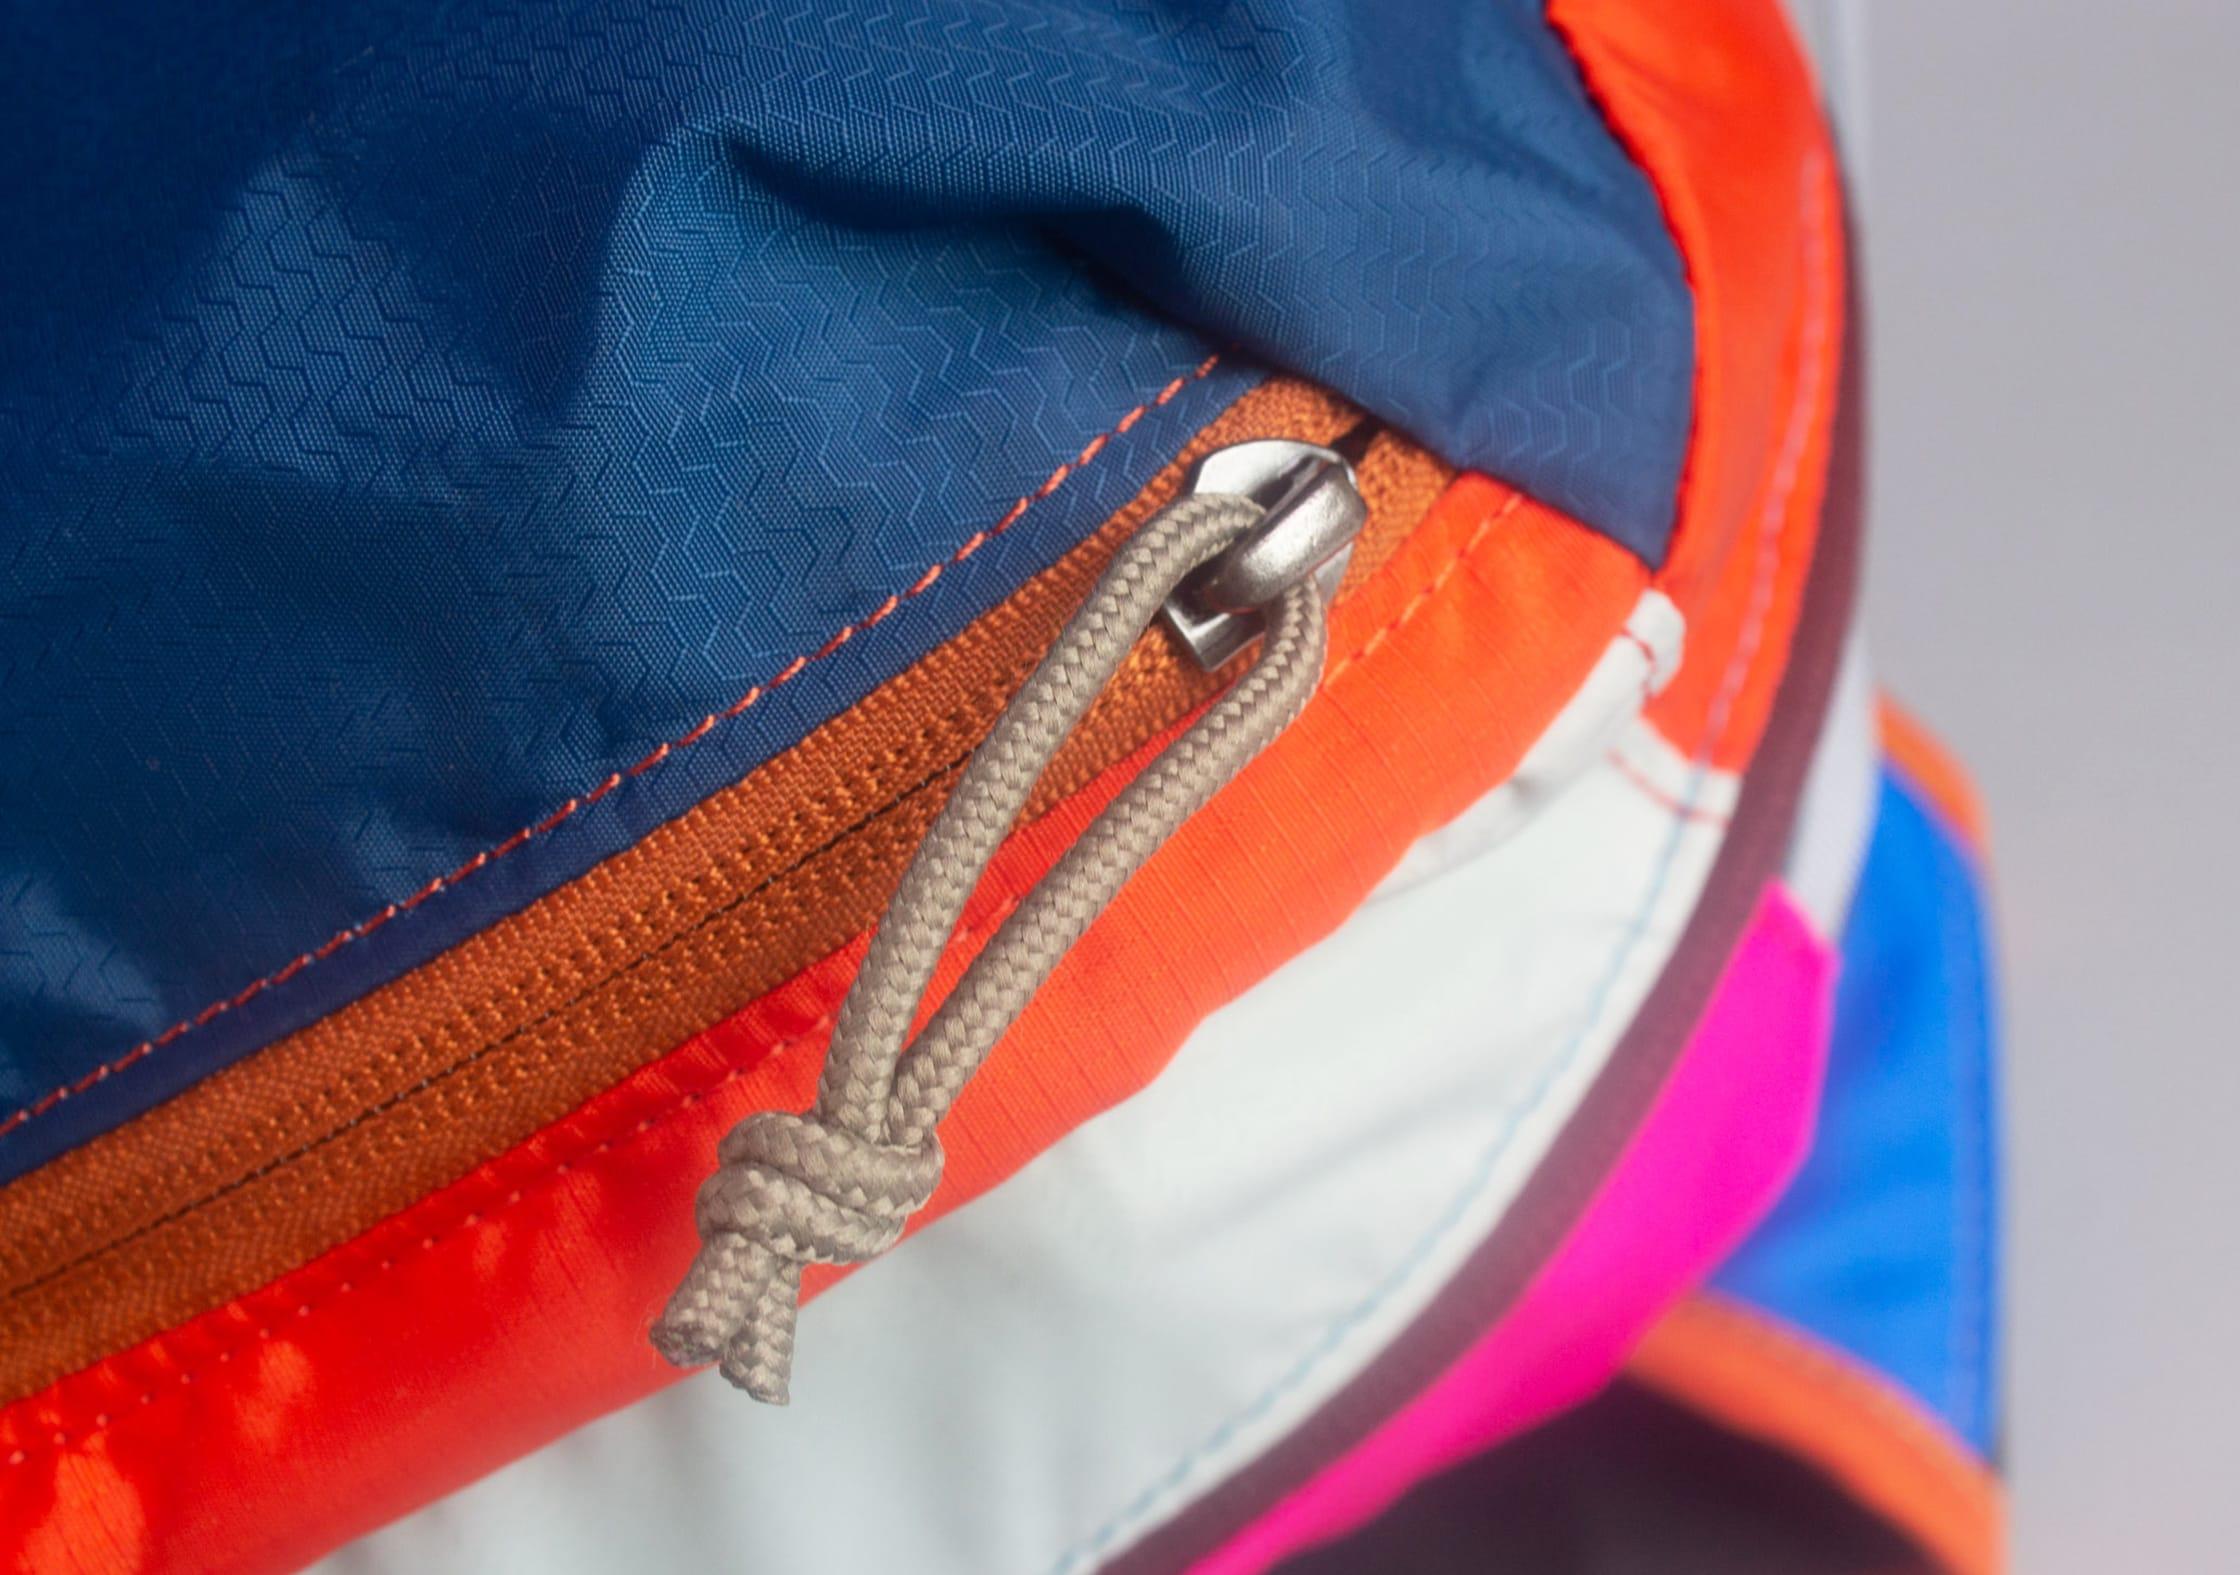 Cotopaxi Batac YKK Zippers & Unique Zipper Pulls